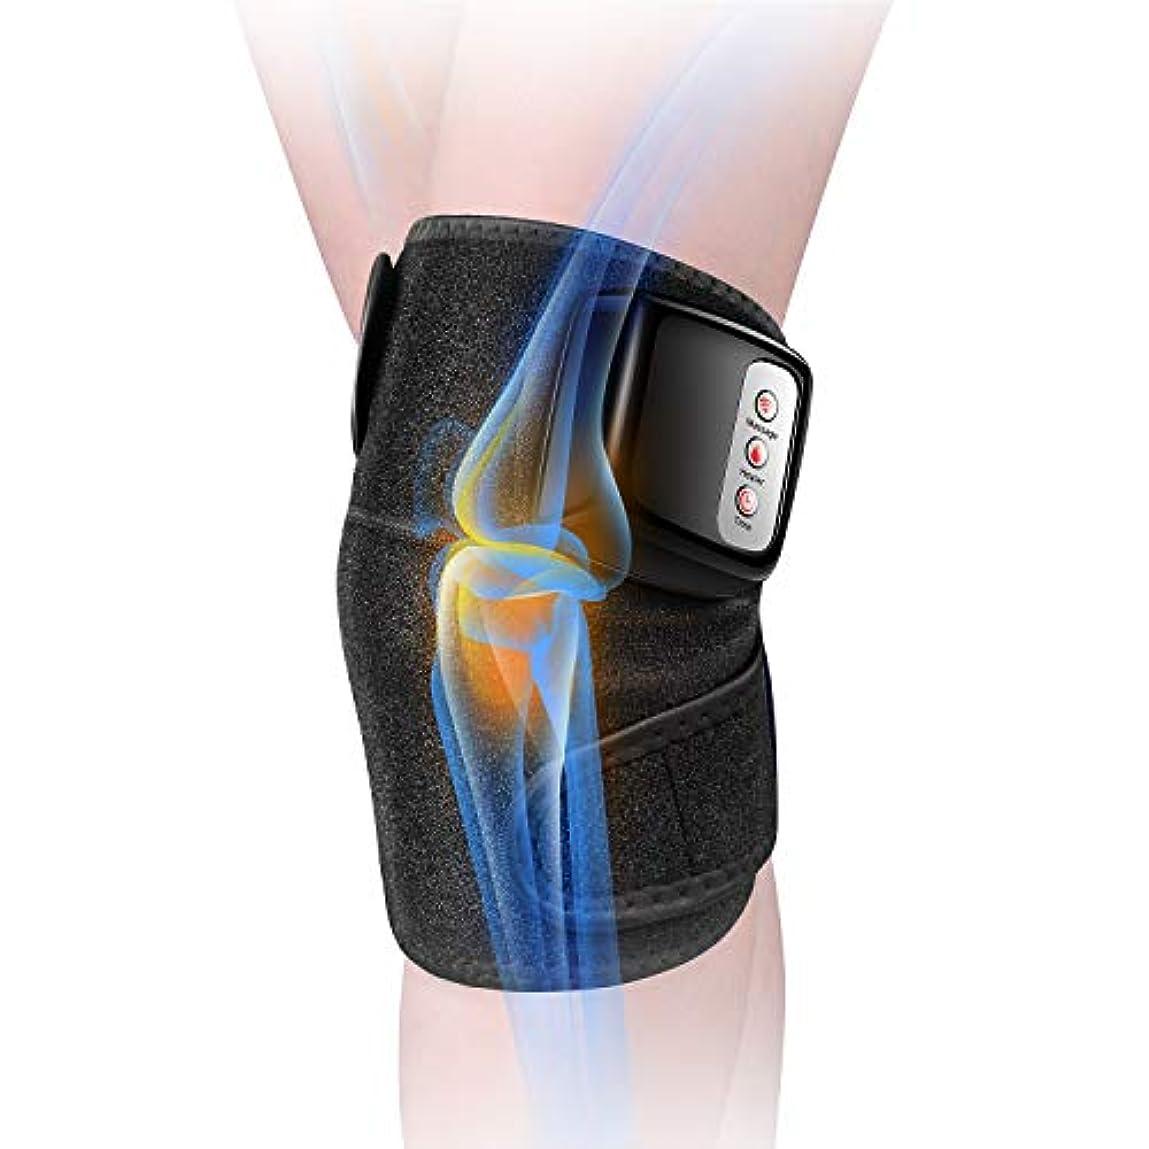 マニア必要本膝マッサージャー 関節マッサージャー マッサージ器 フットマッサージャー 振動 赤外線療法 温熱療法 膝サポーター ストレス解消 肩 太もも/腕対応